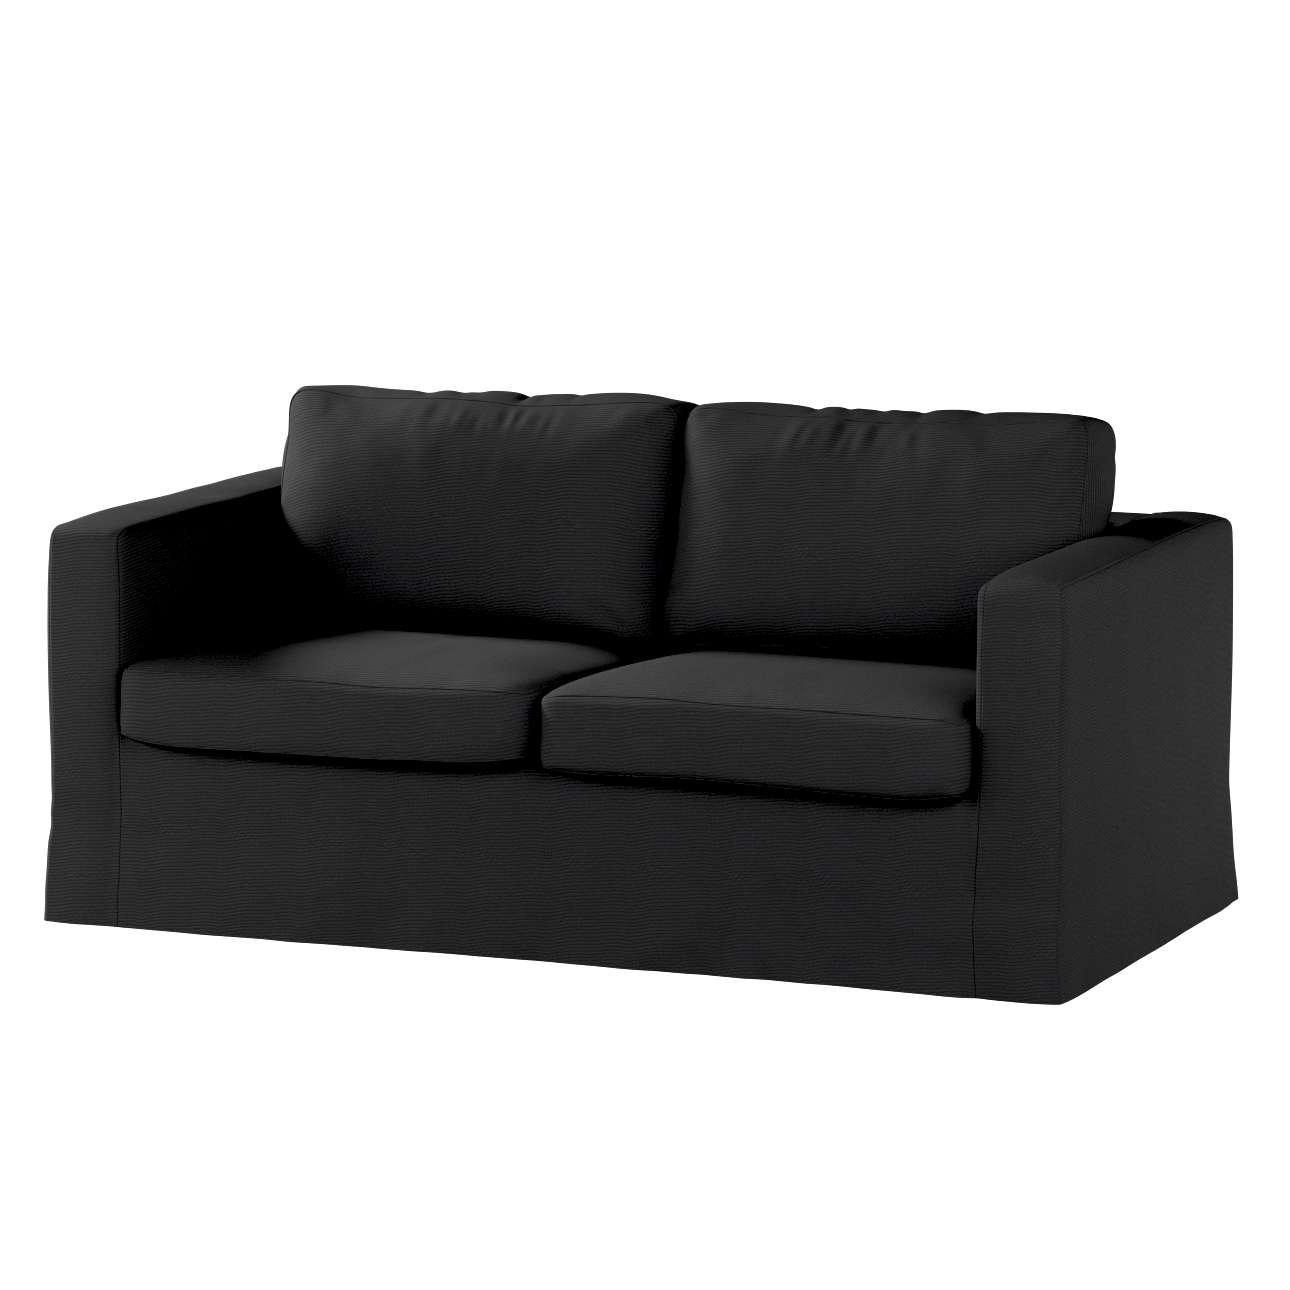 Pokrowiec na sofę Karlstad 2-osobową nierozkładaną długi w kolekcji Etna , tkanina: 705-00